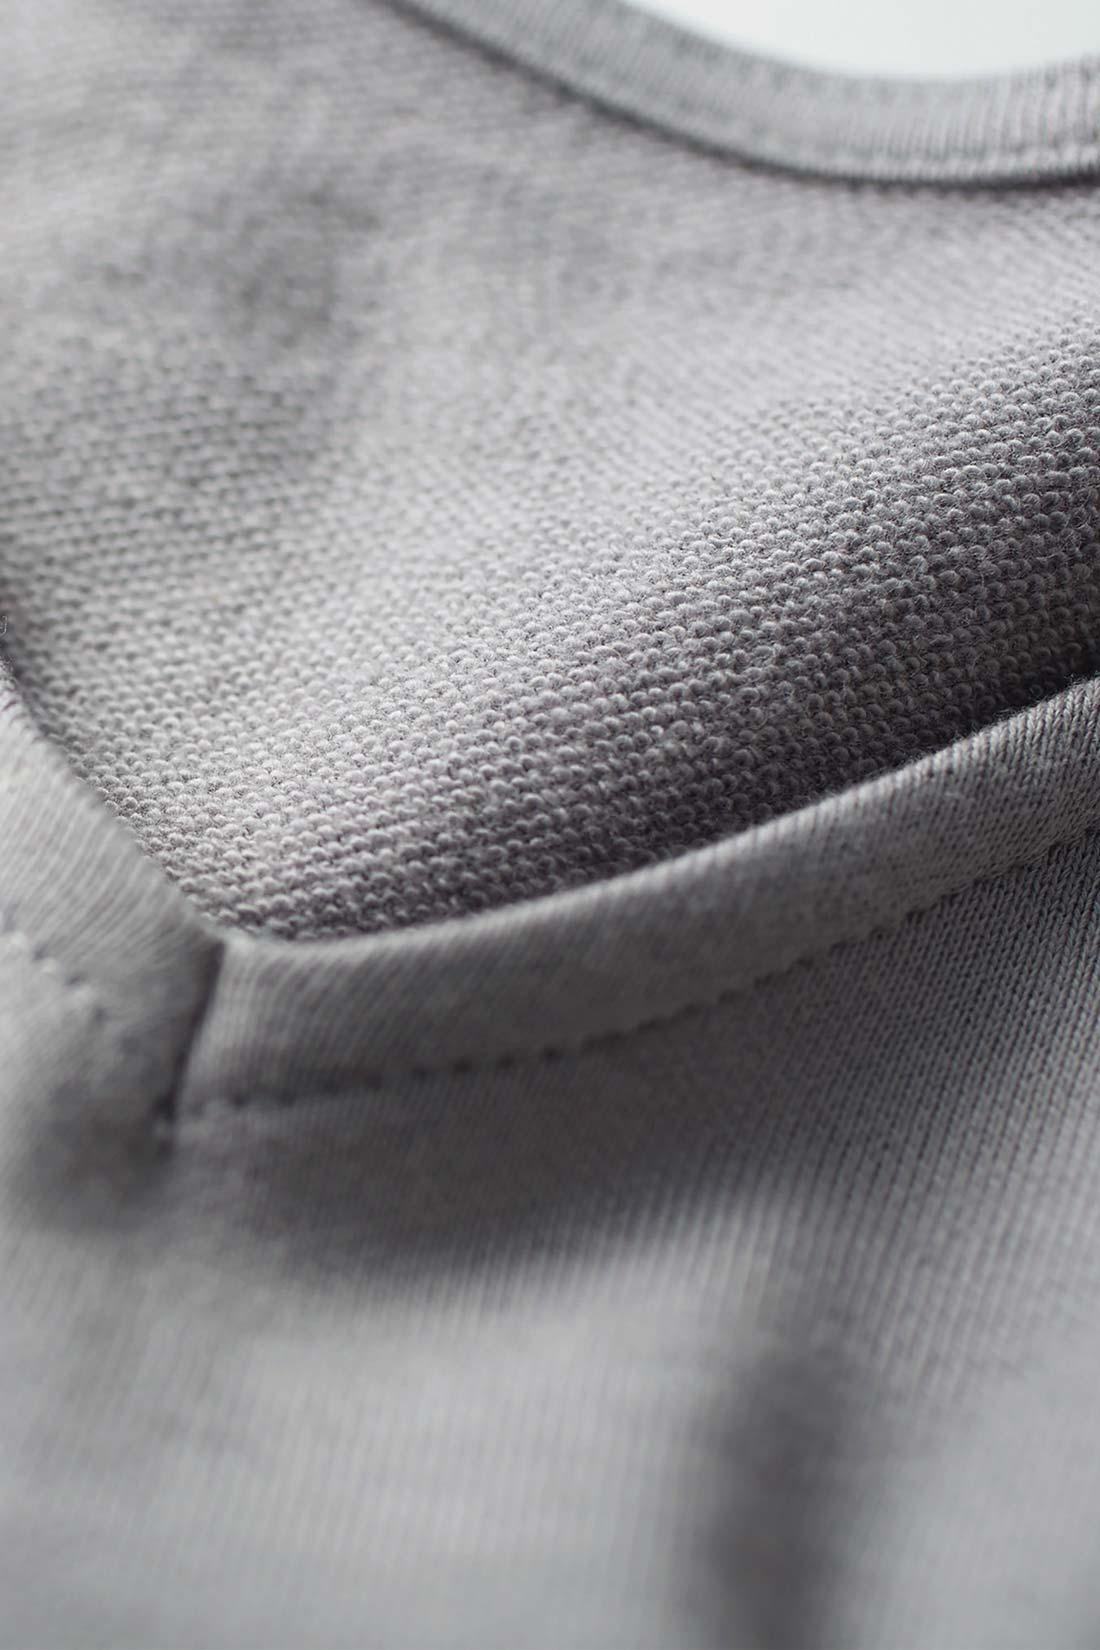 綿100%のスウェット素材で、おうち洗いOK。ミニ裏毛の軽やかな肌心地が春にうれしい。